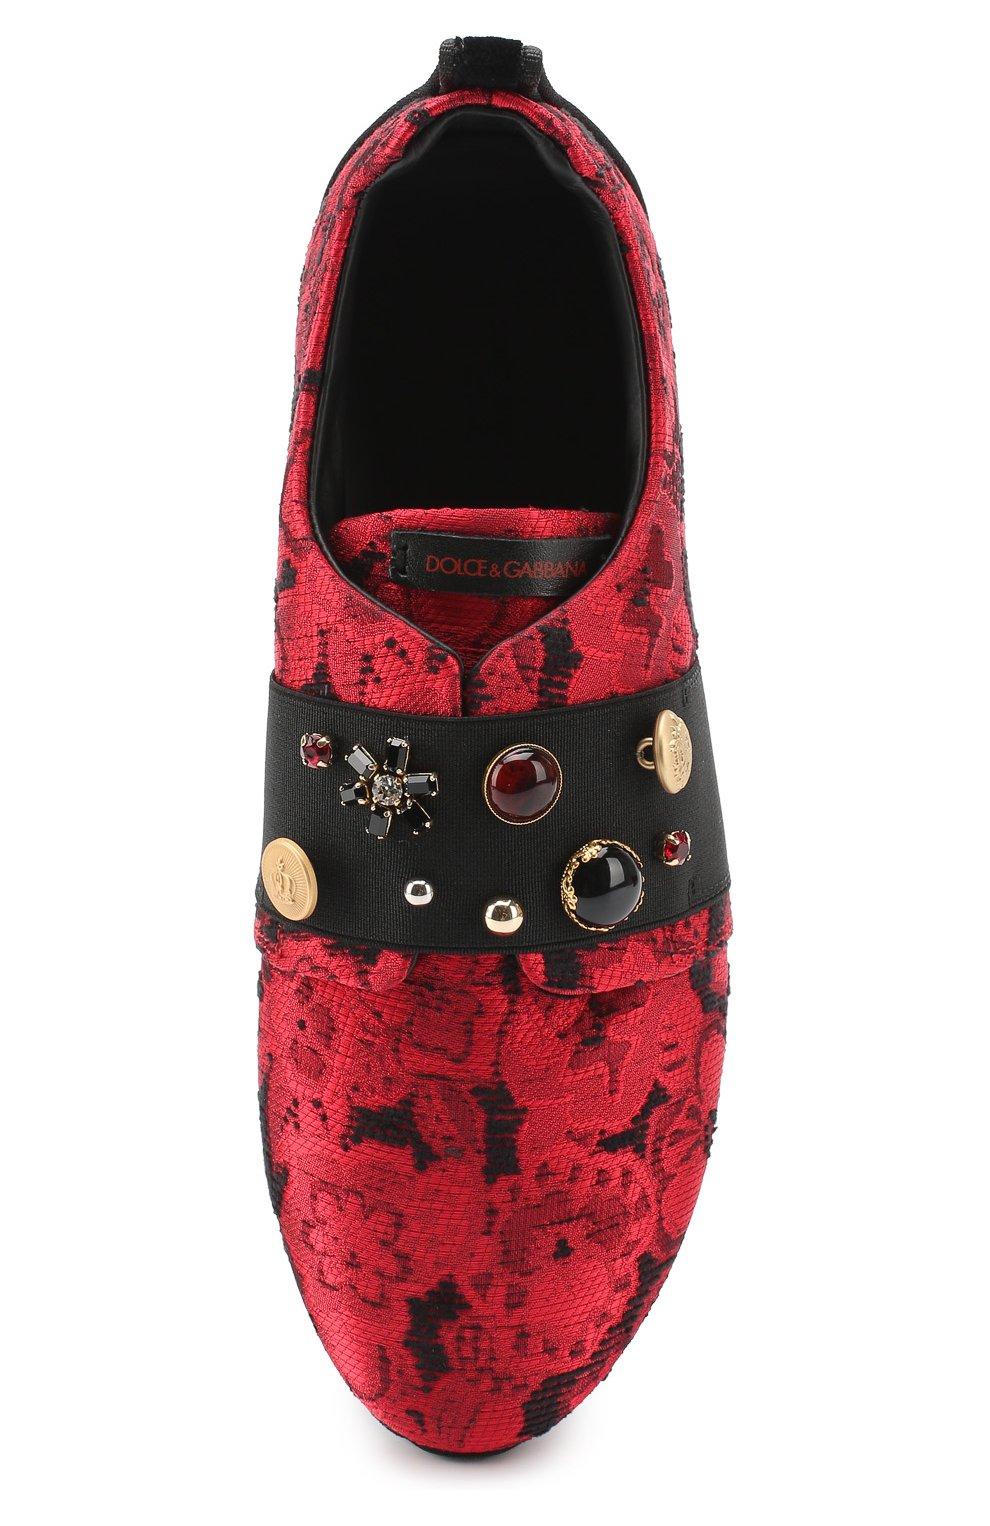 Детские текстильные кроссовки с эластичной вставкой и декором Dolce & Gabbana красного цвета | Фото №4